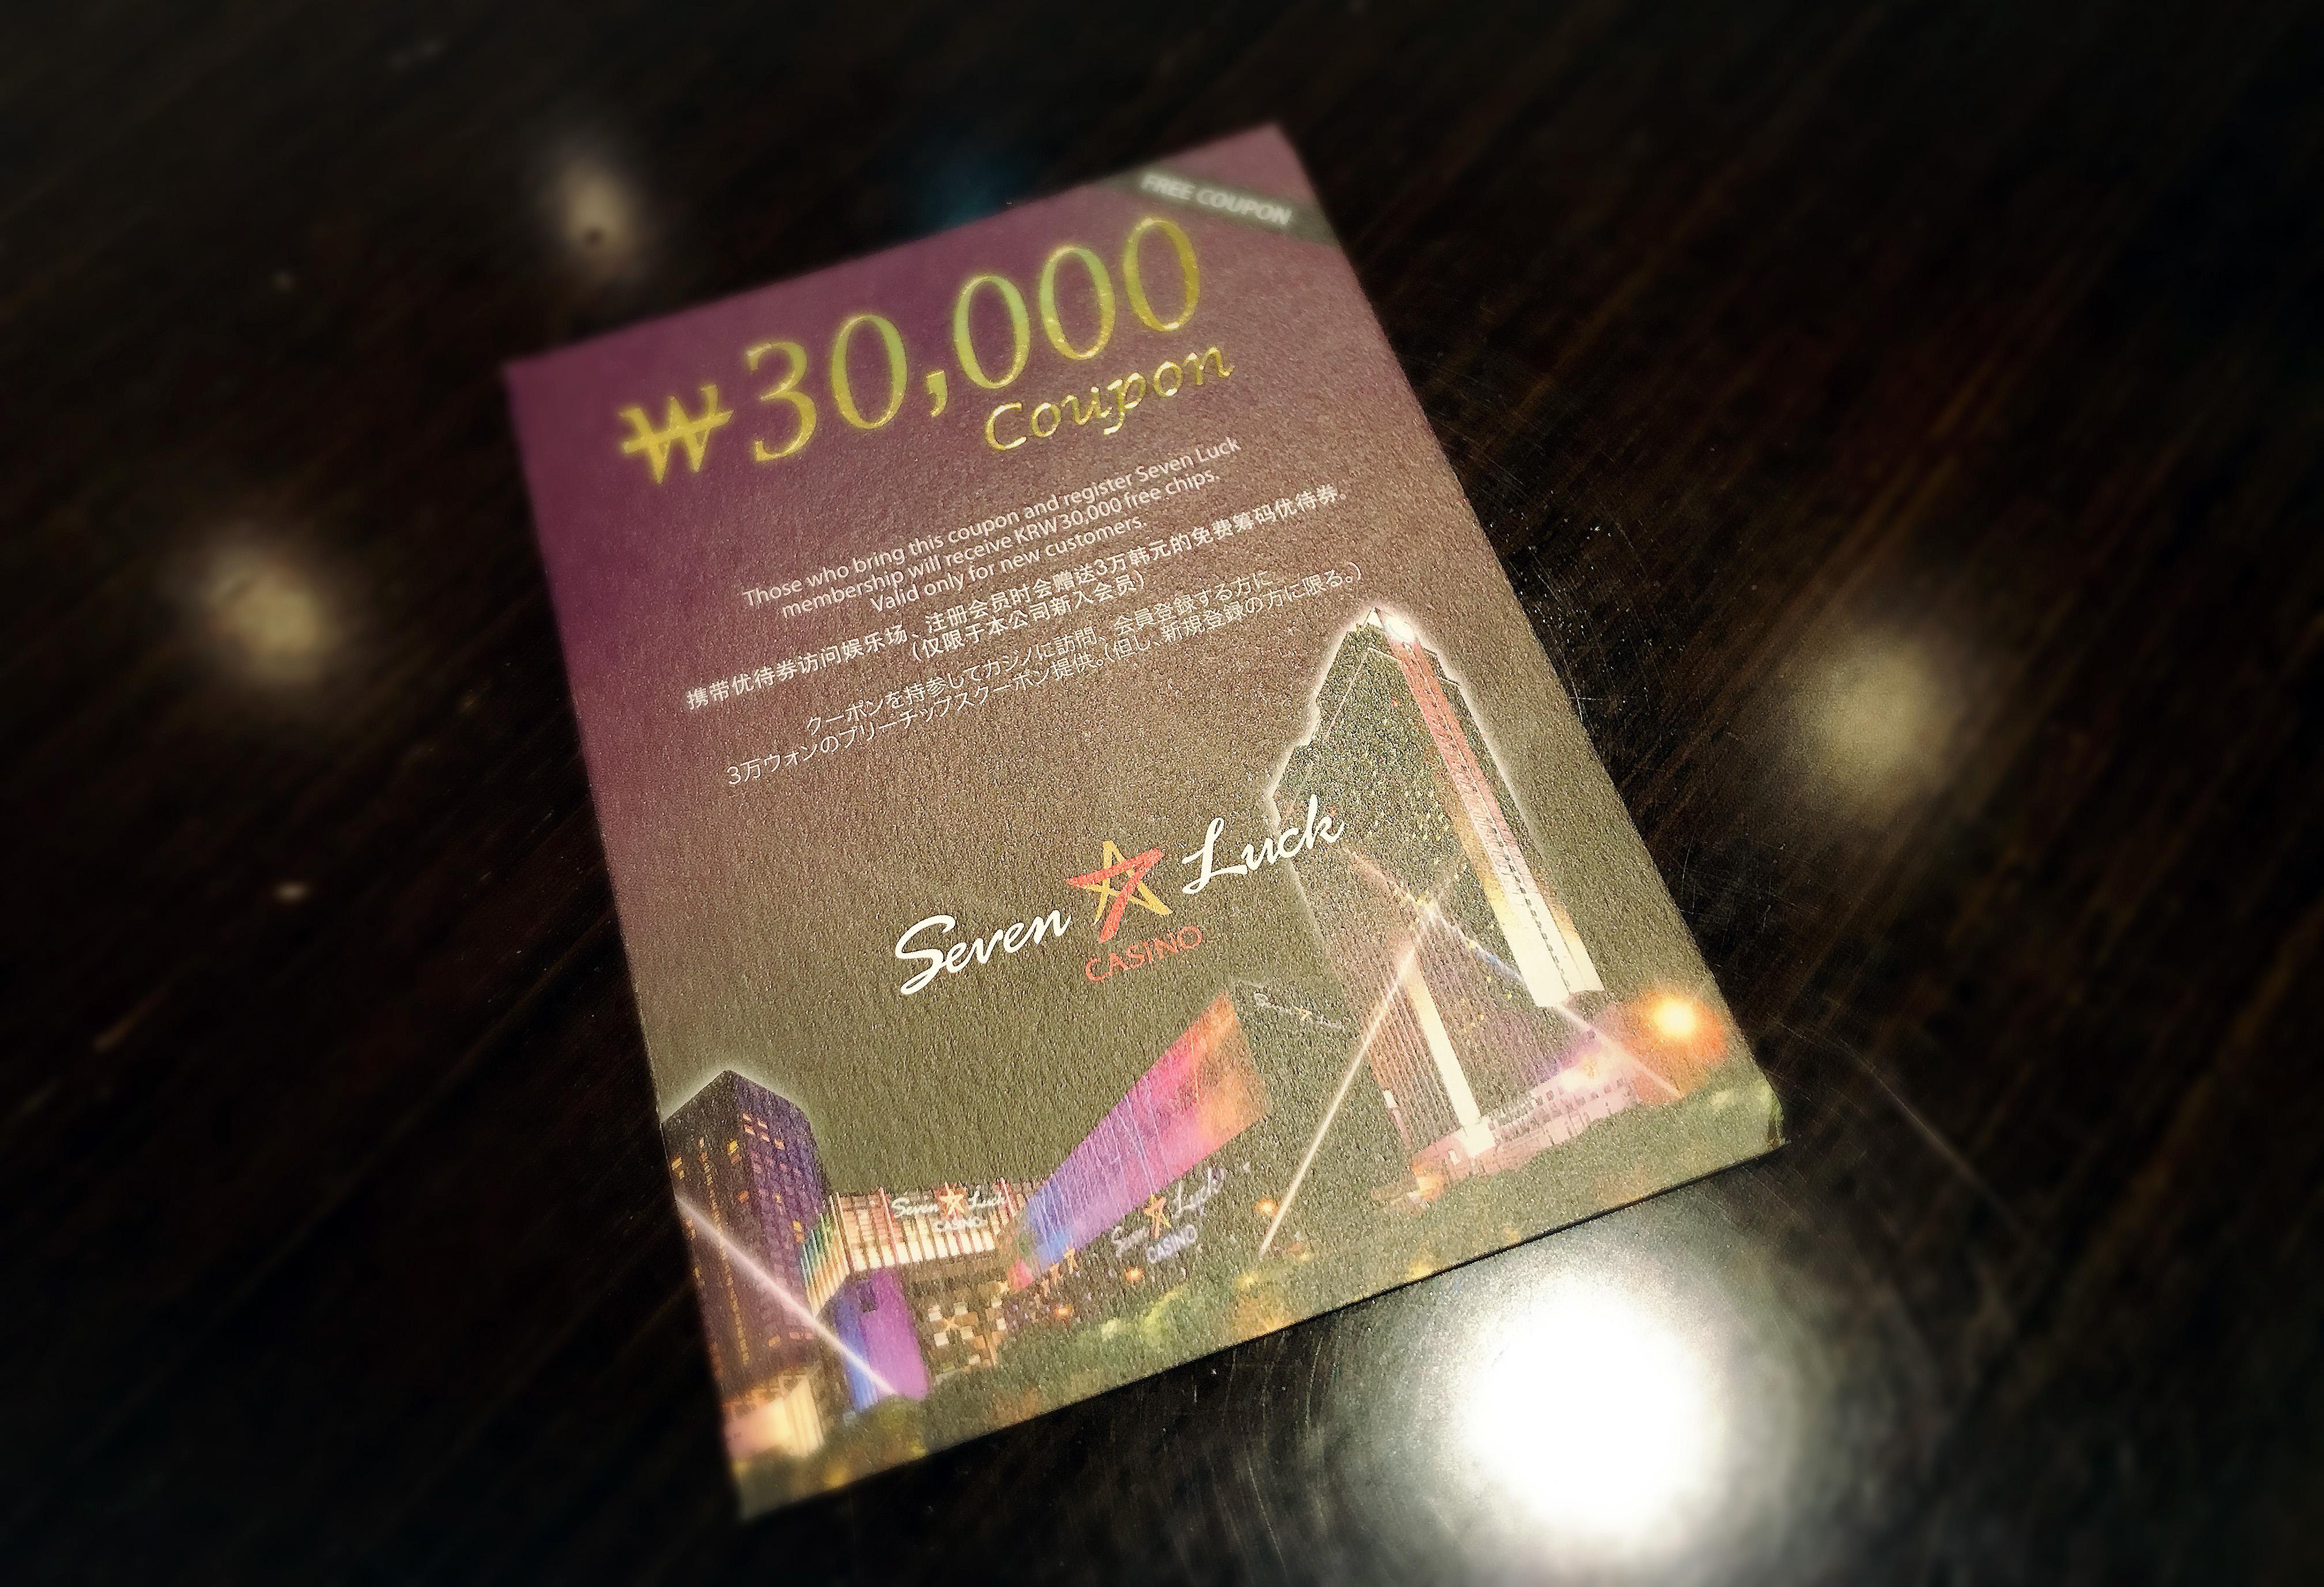 セブンラックカジノ「30000ウォン クーポン」